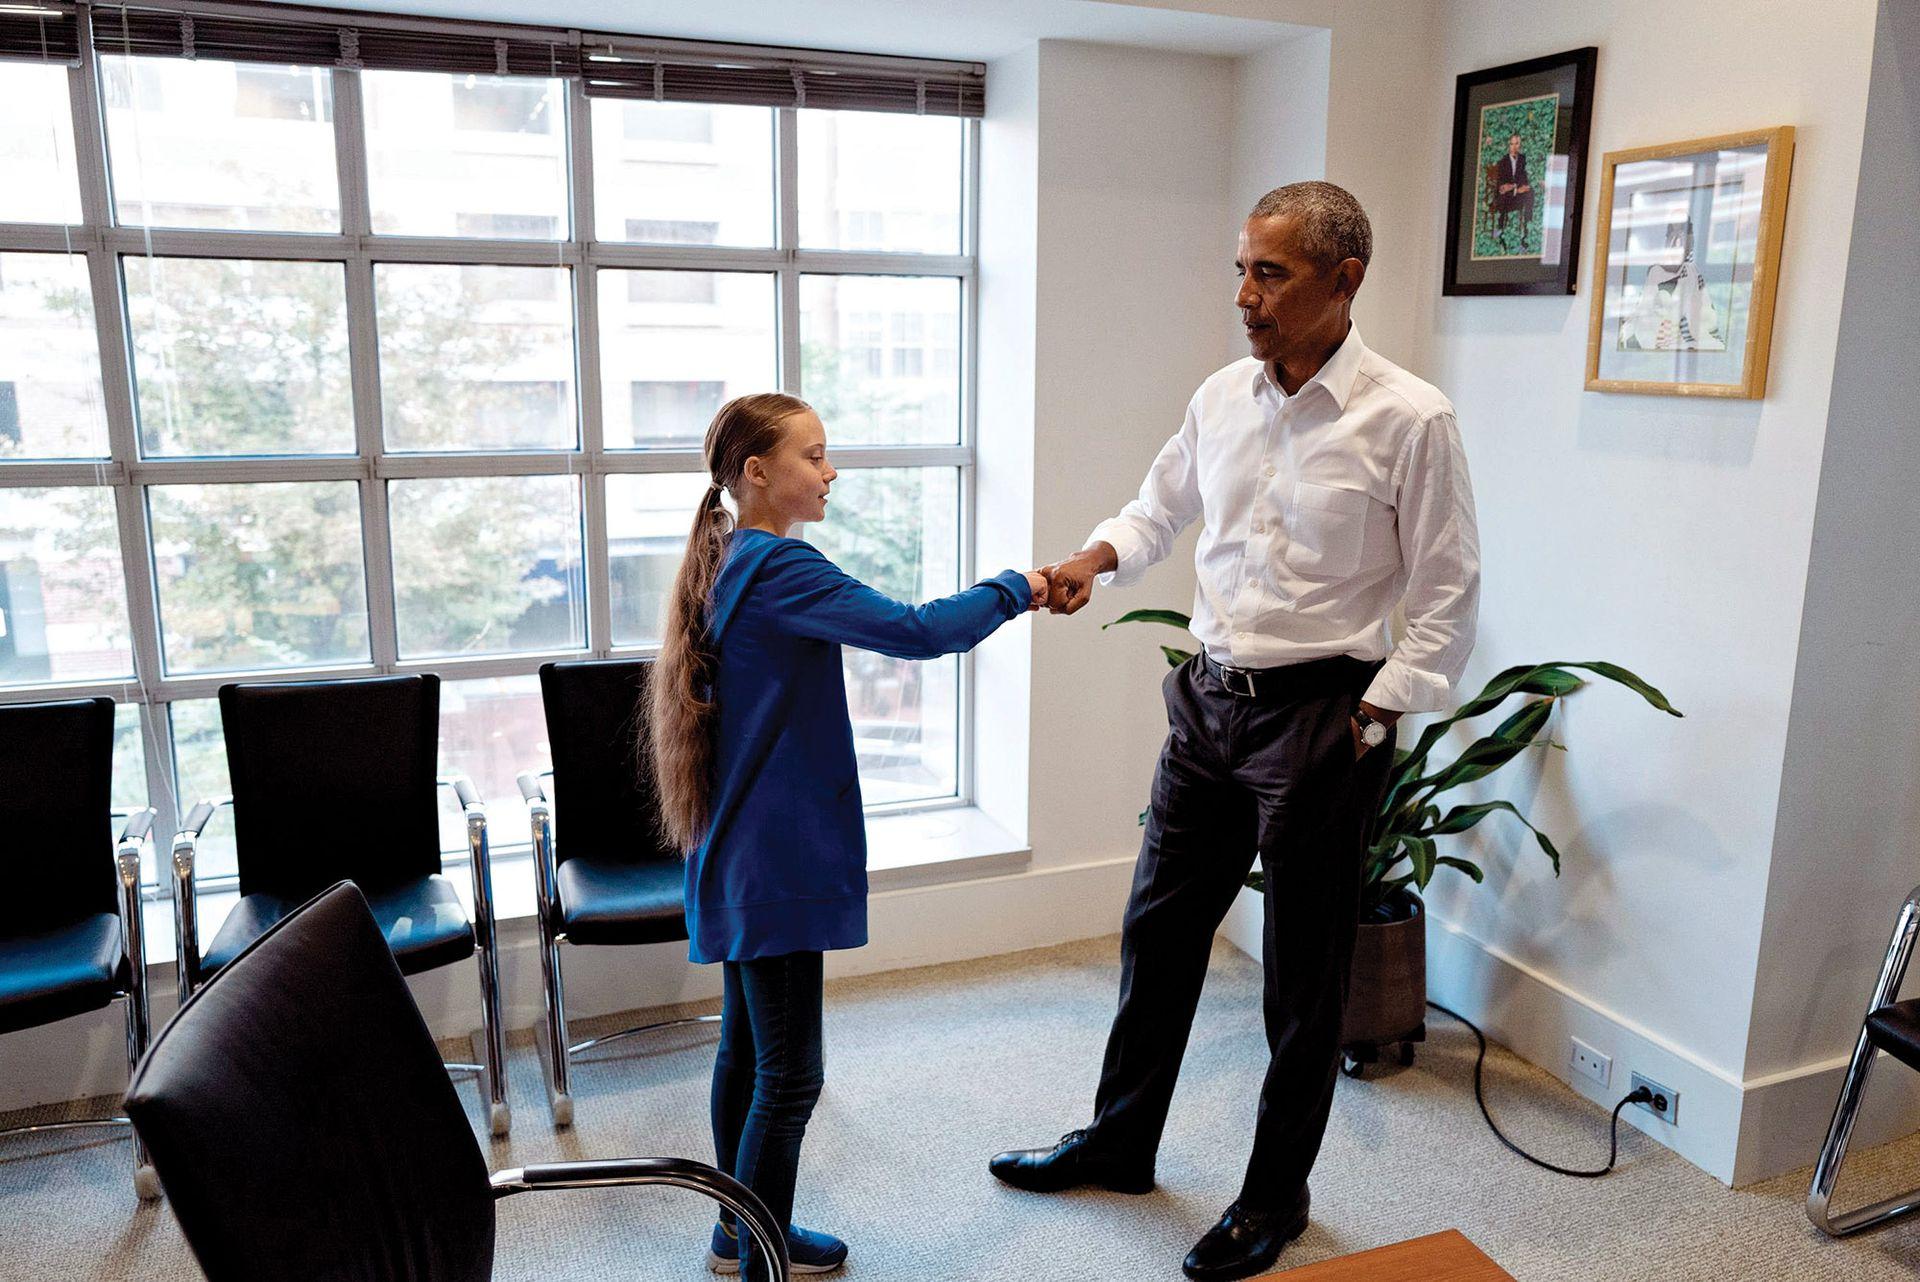 Barack Obama la recibió en su fundación antes de la Cumbre de Acción Climática de la ONU, en septiembre último